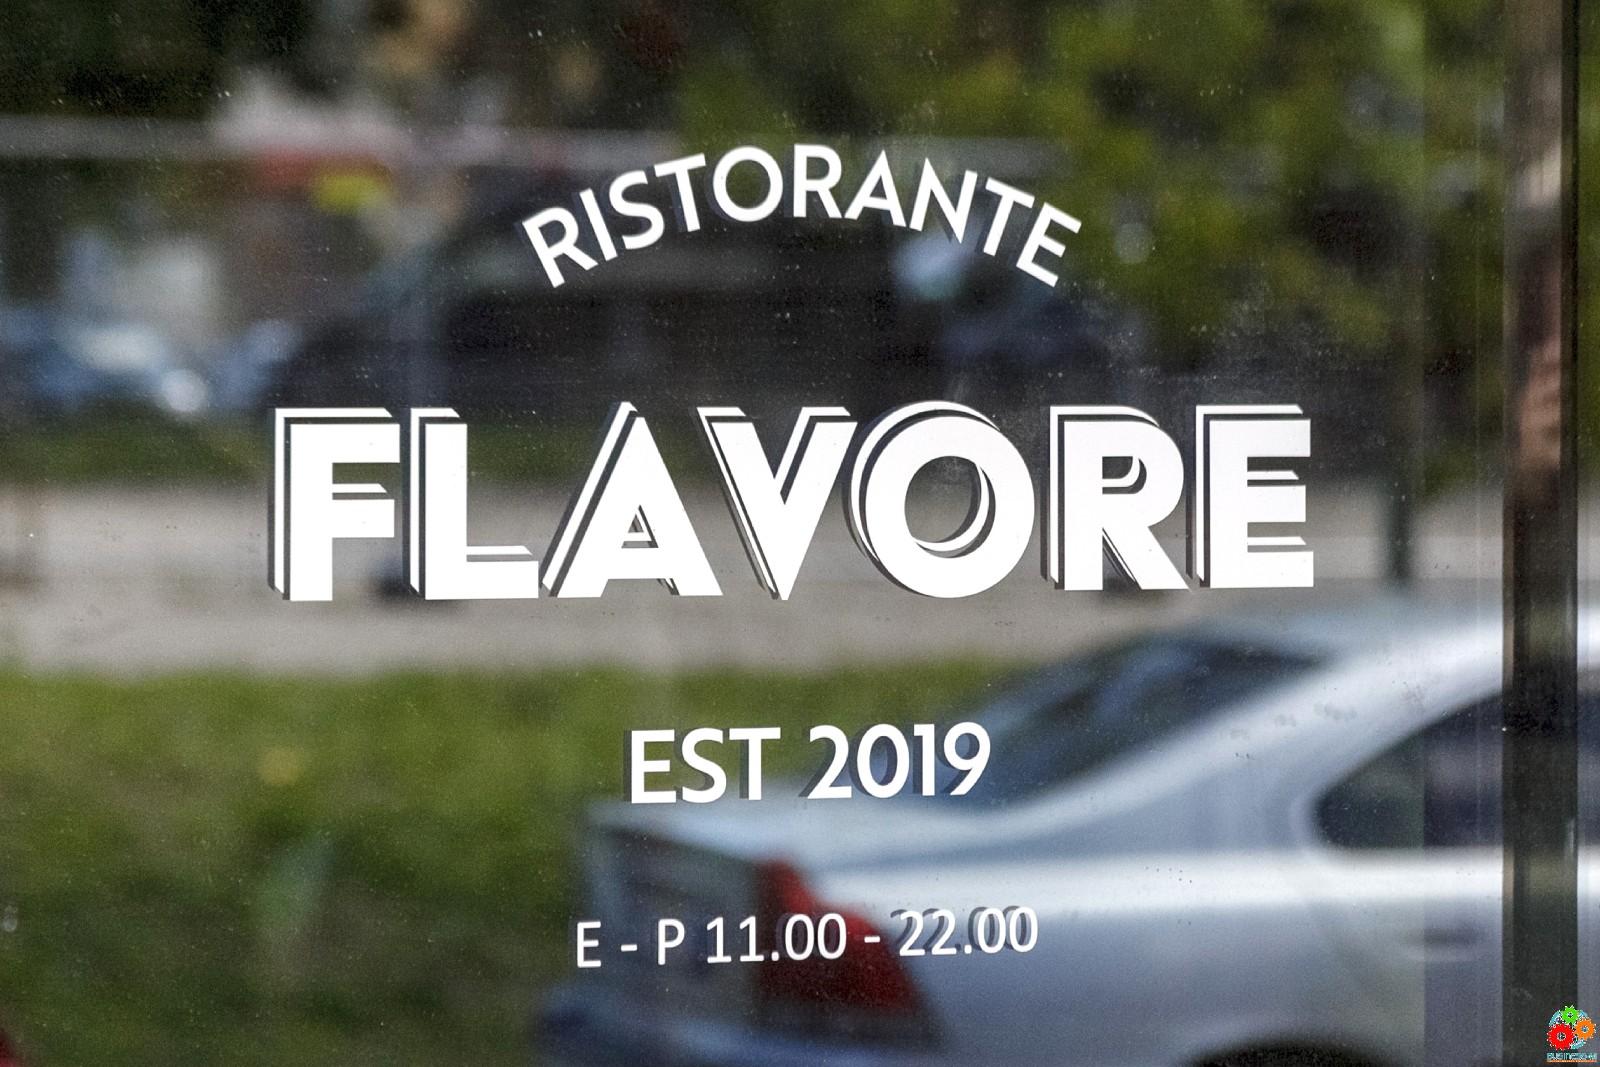 Flavore – новый итальянский ресторан откроется в Таллинне на этой неделе